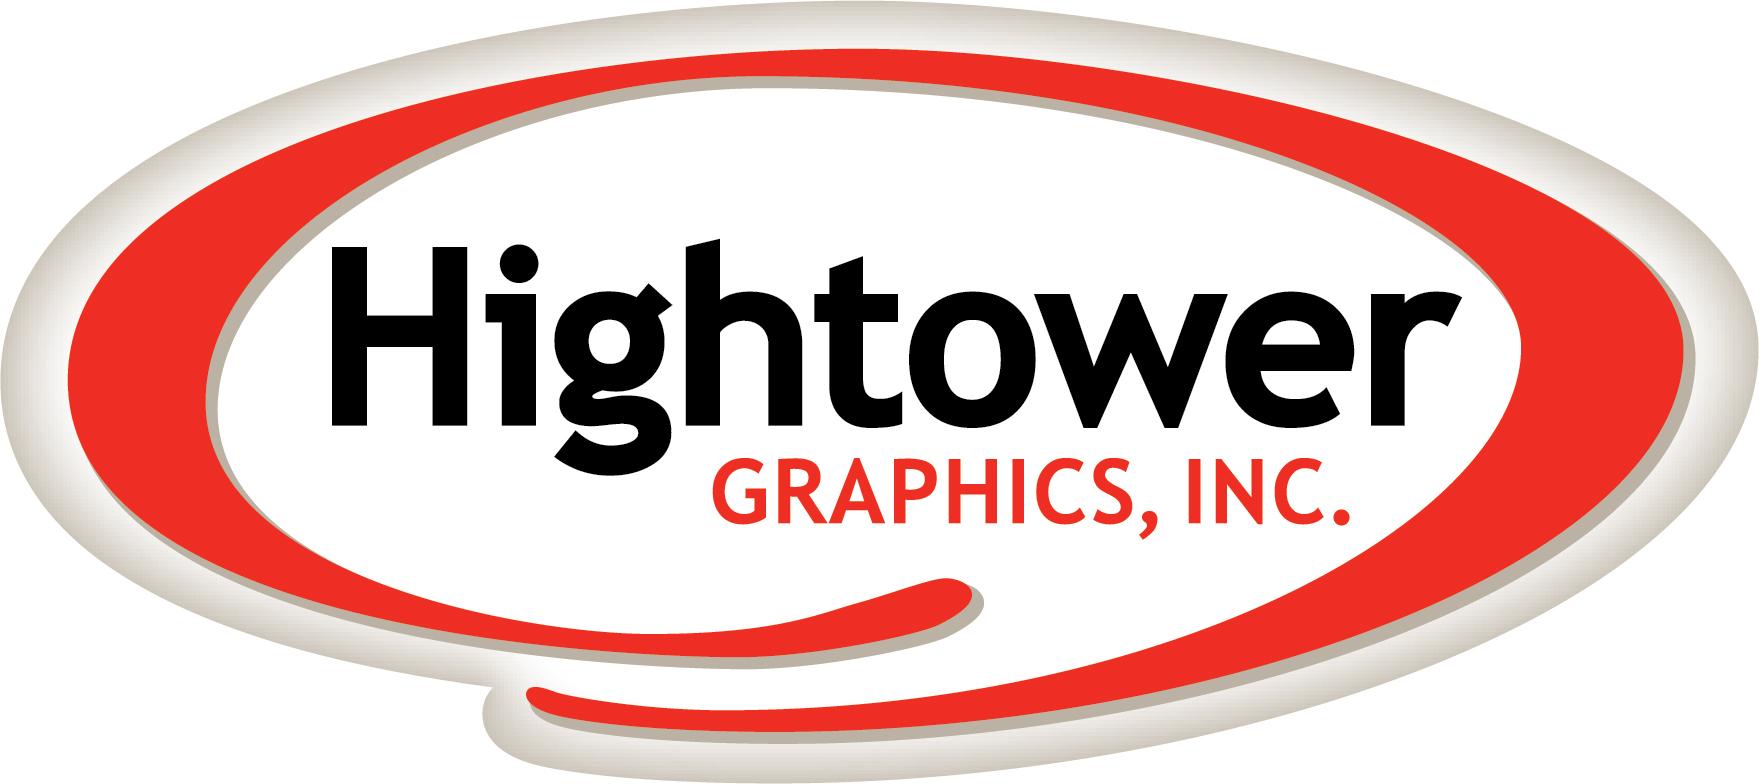 HightowerLogo_Large.jpg